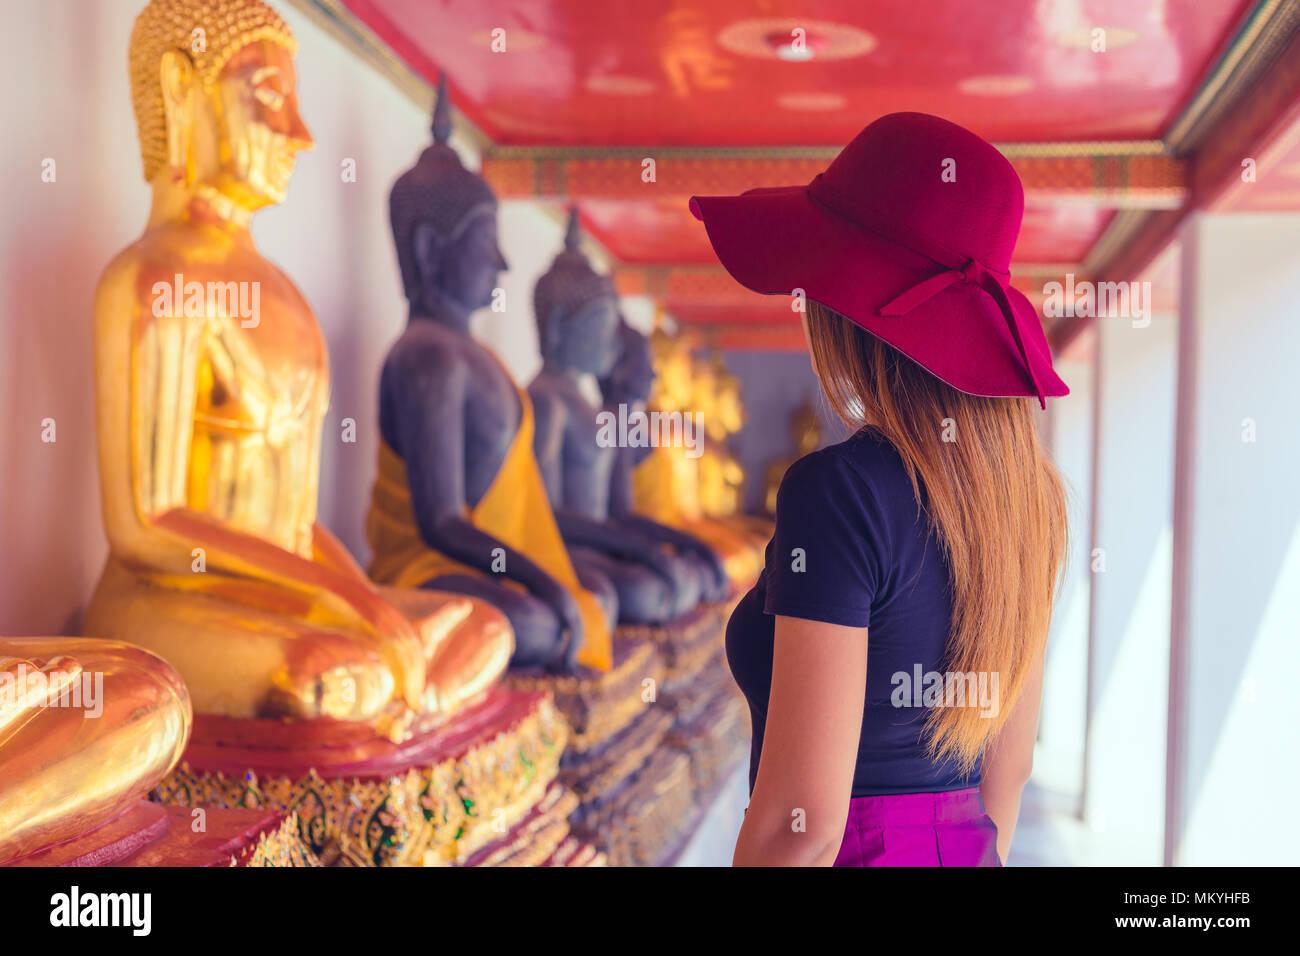 Las mujeres tailandesas con sombrero mirando a las filas de los budas en el templo Wat Pho en Bangkok, Tailandia Imagen De Stock